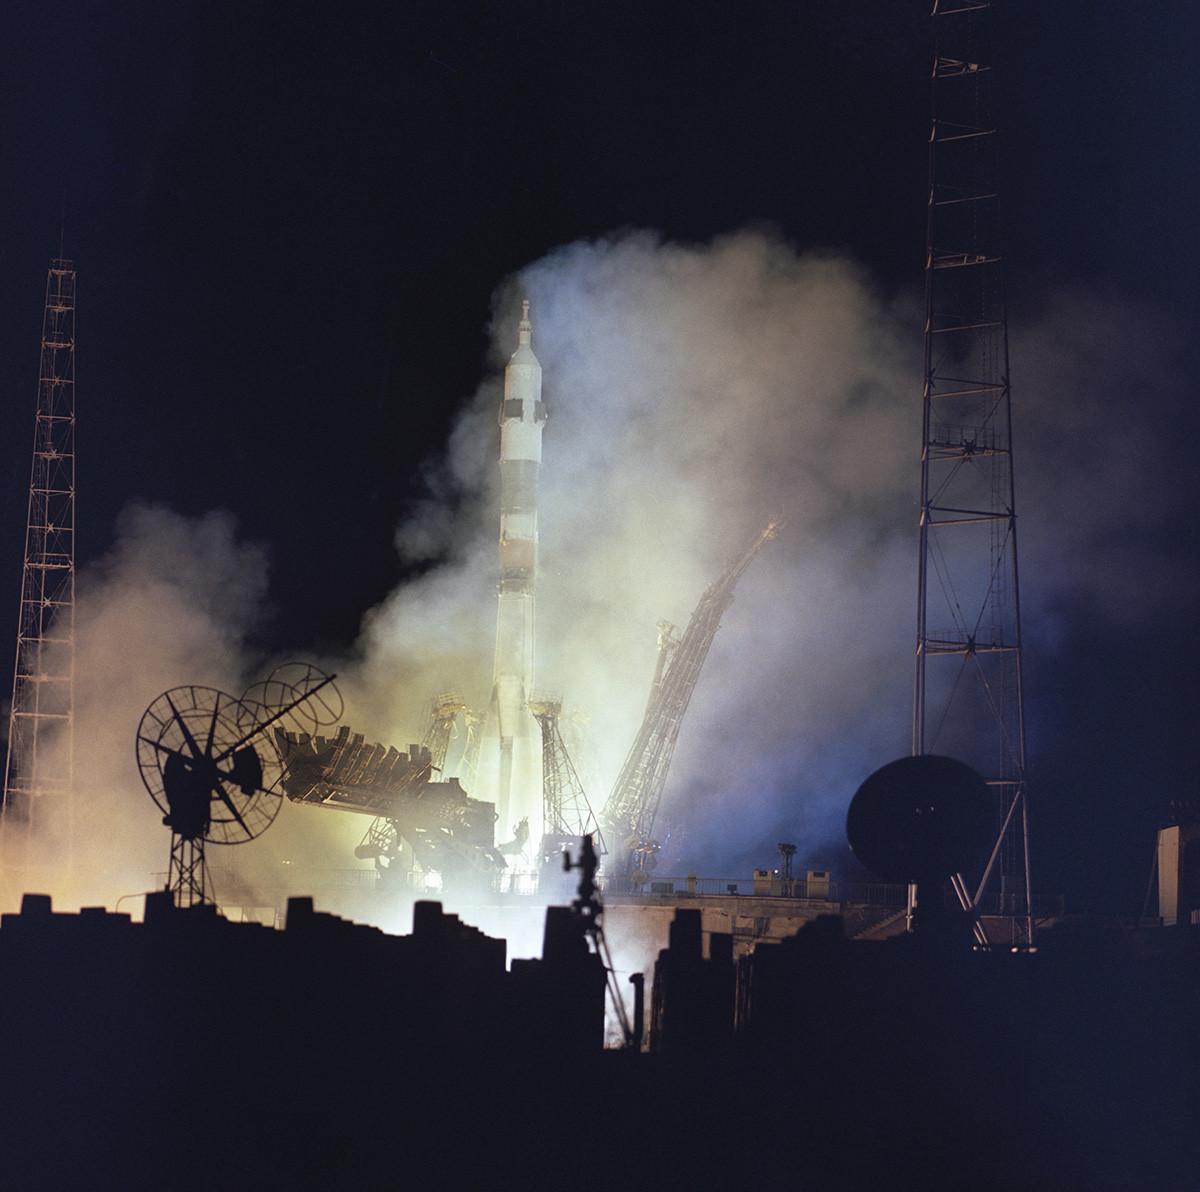 Казахстан. Кызылординская область. 14 октября 1976 г. Ночной старт ракеты-носителя с космическим кораблем